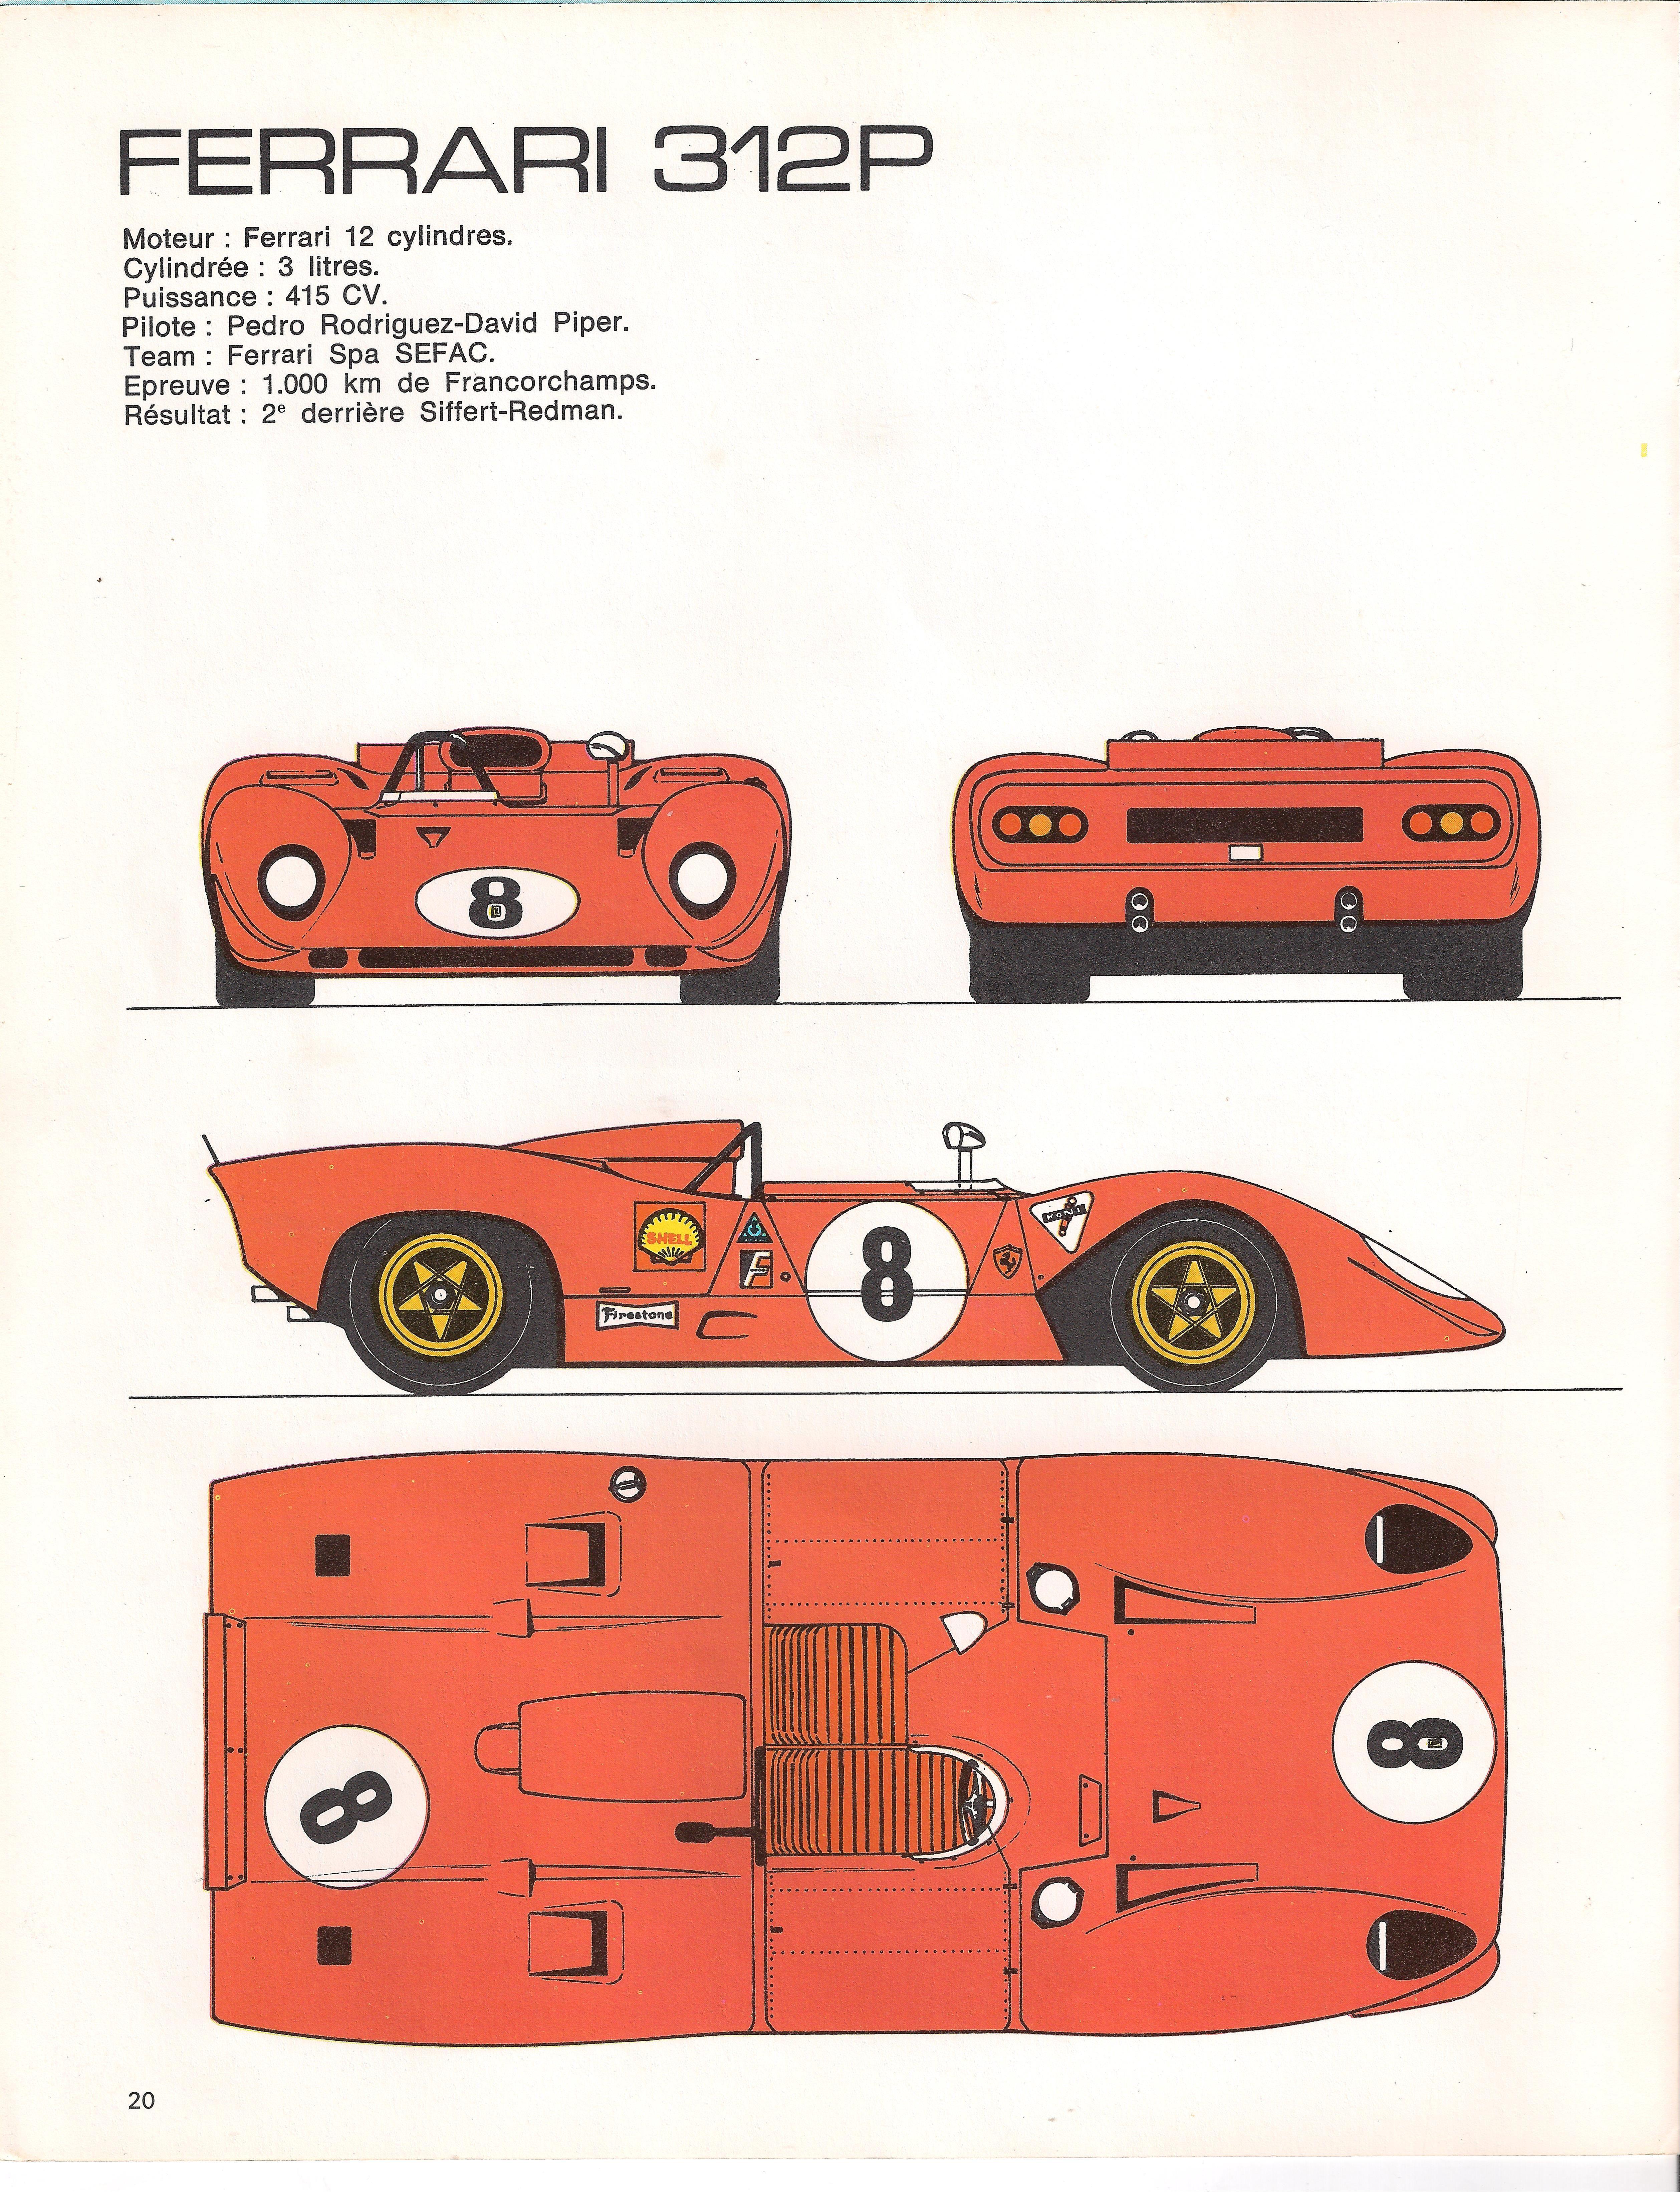 Ferrari 312p barchetta1969 dibujos pinterest autos y dibujo ferrari 312p barchetta1969 malvernweather Gallery